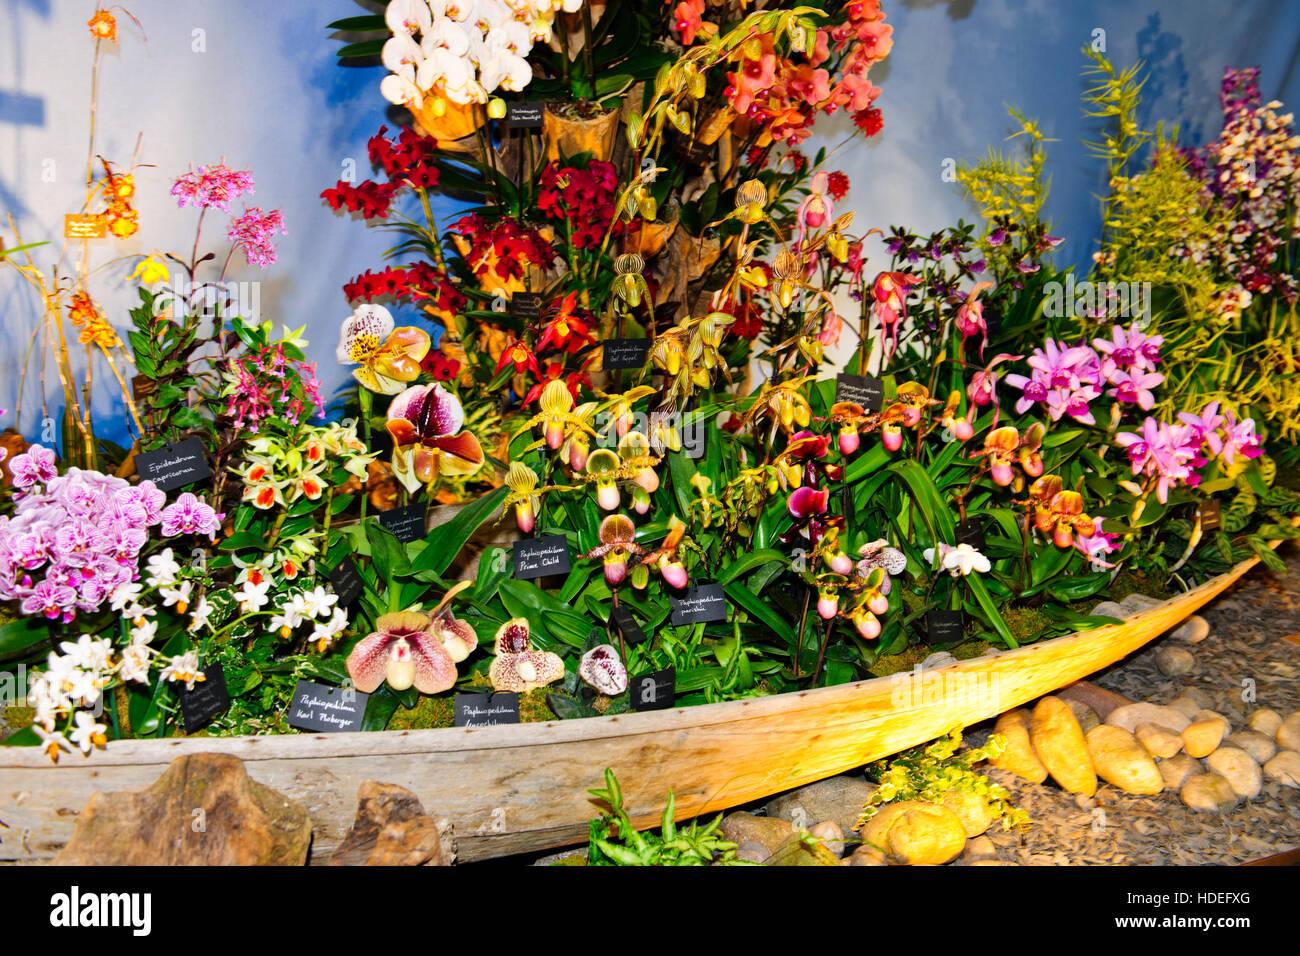 chelsea flower show 2016, vacherot & lecoufle orchideen, Garten ideen